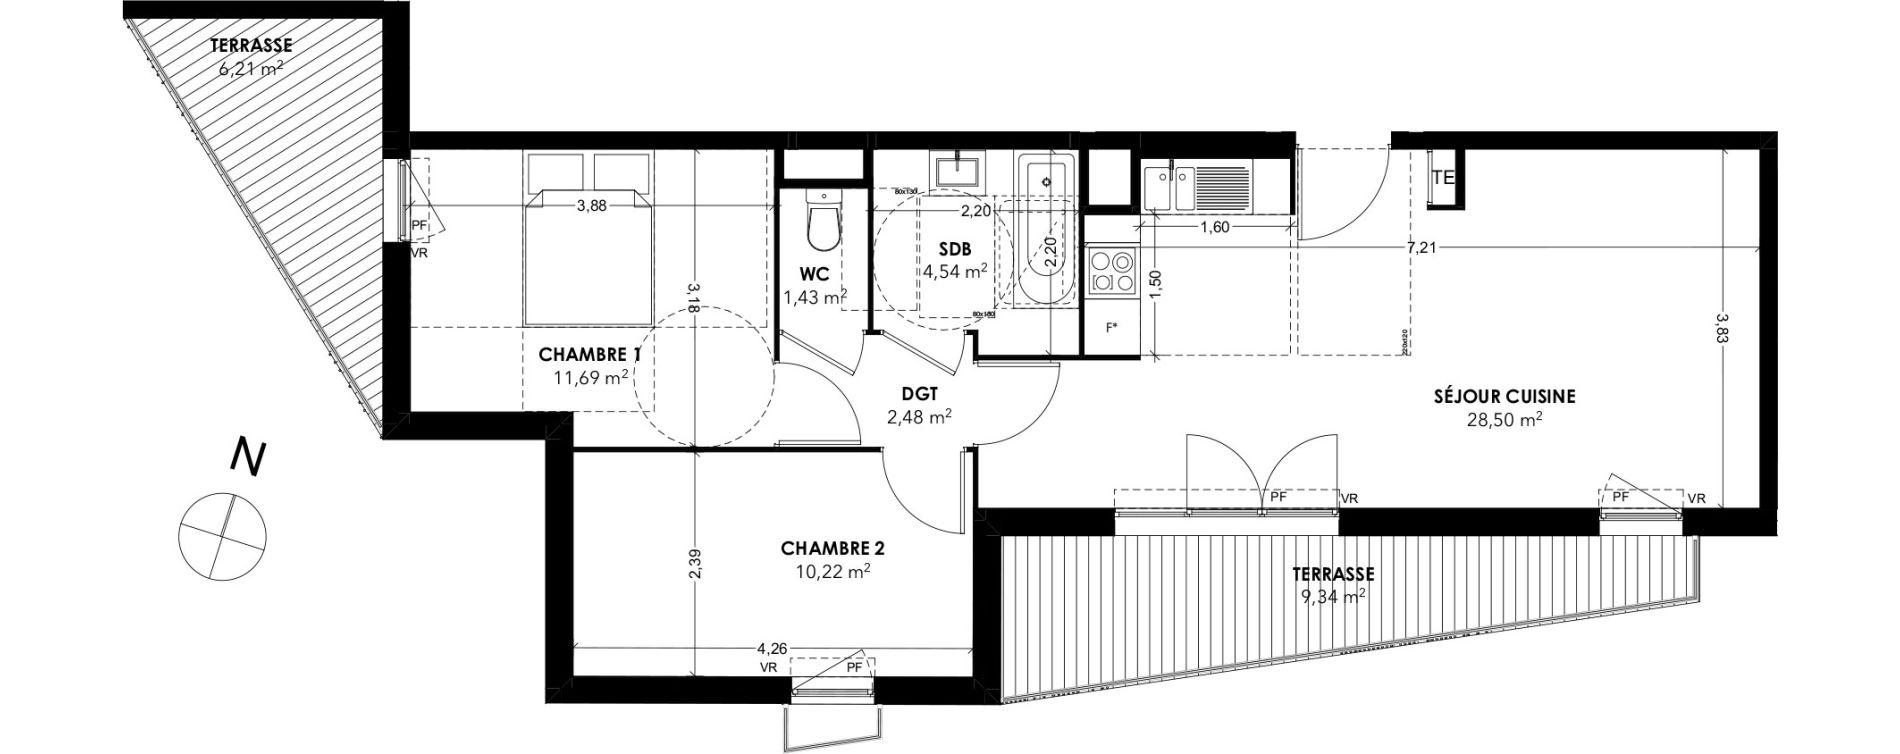 Appartement T3 de 58,86 m2 à Marseille La rose (13eme)